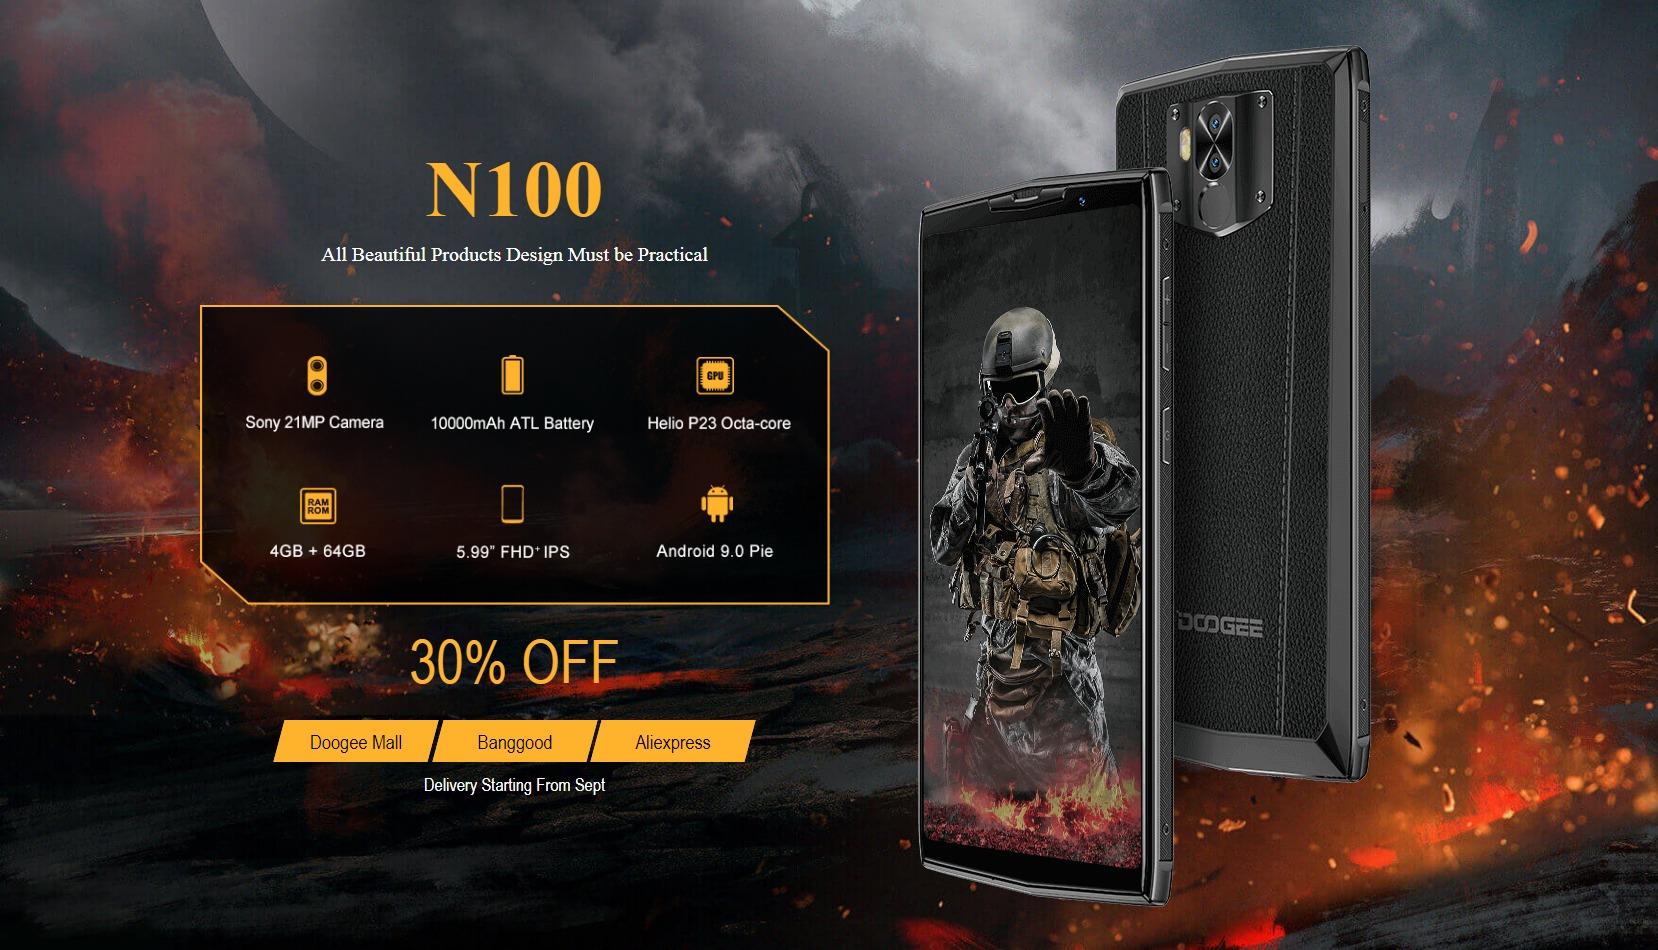 گوشی دوجی N100